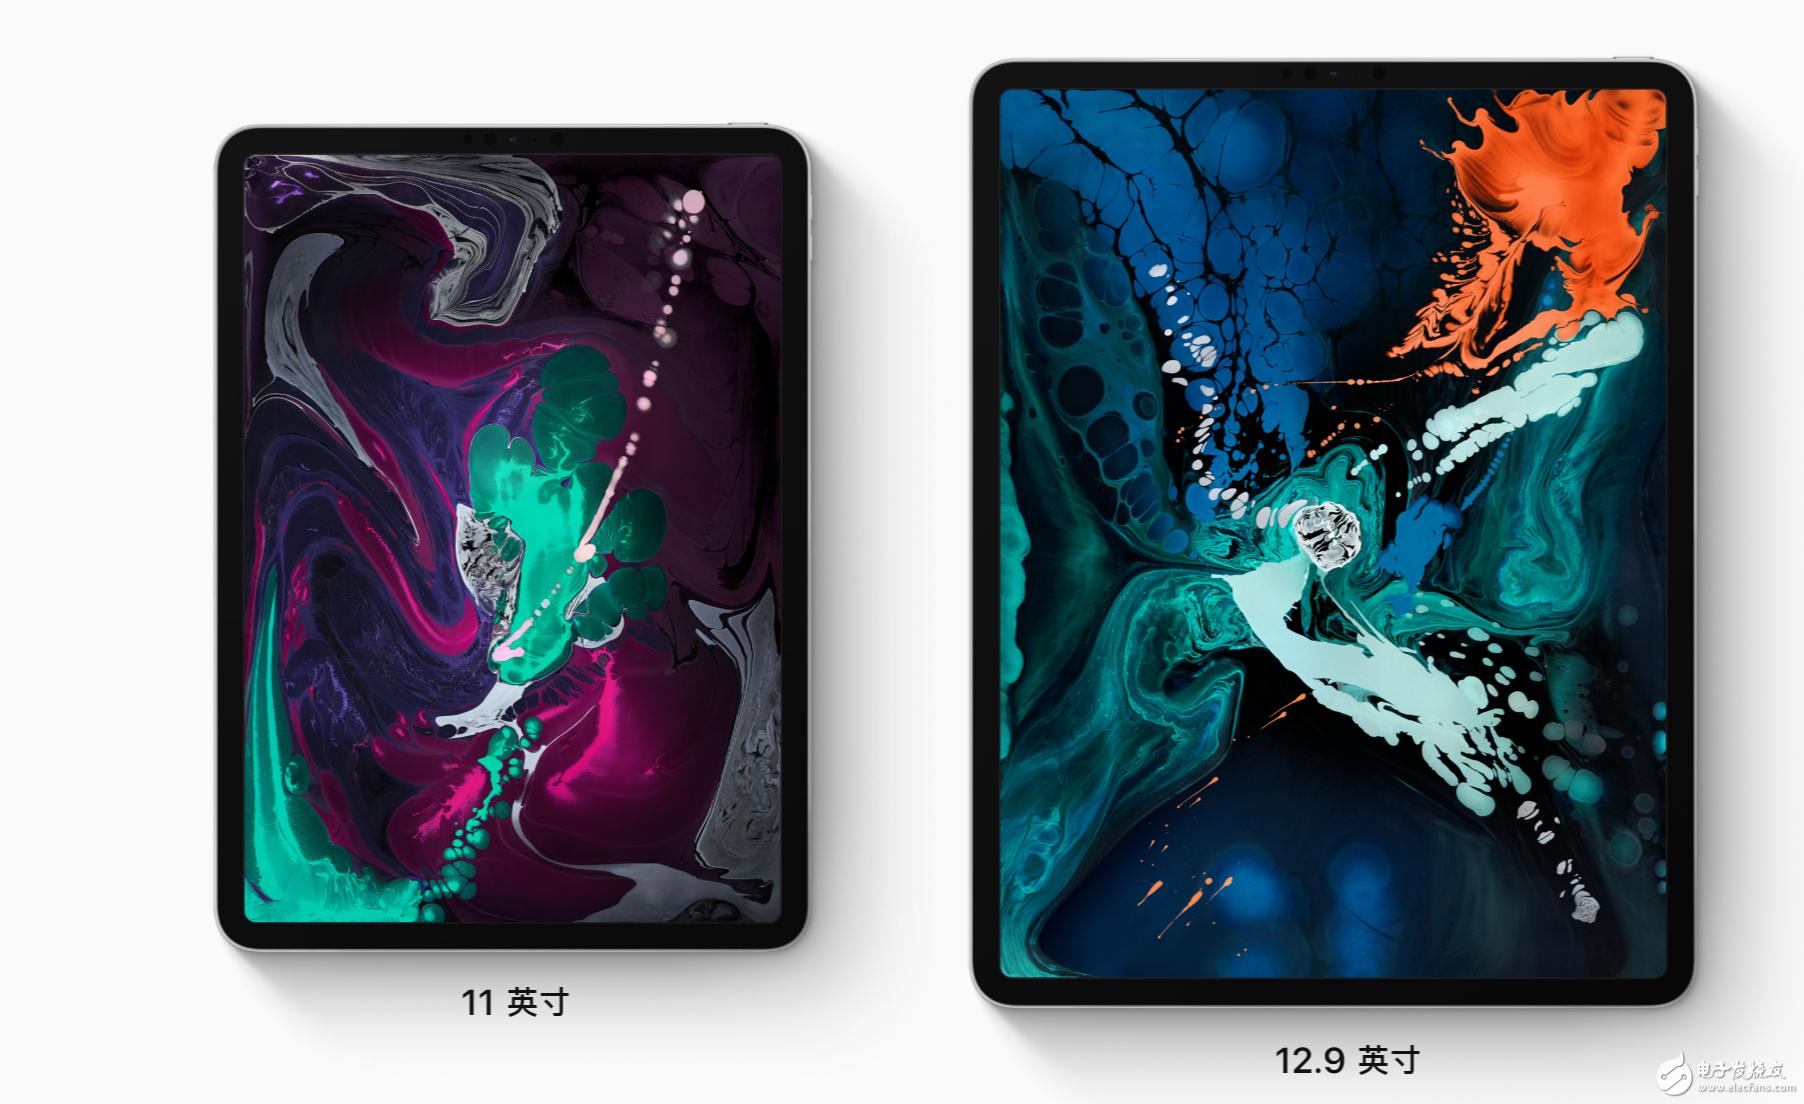 11英寸iPadPro拆解 做工及用料如何